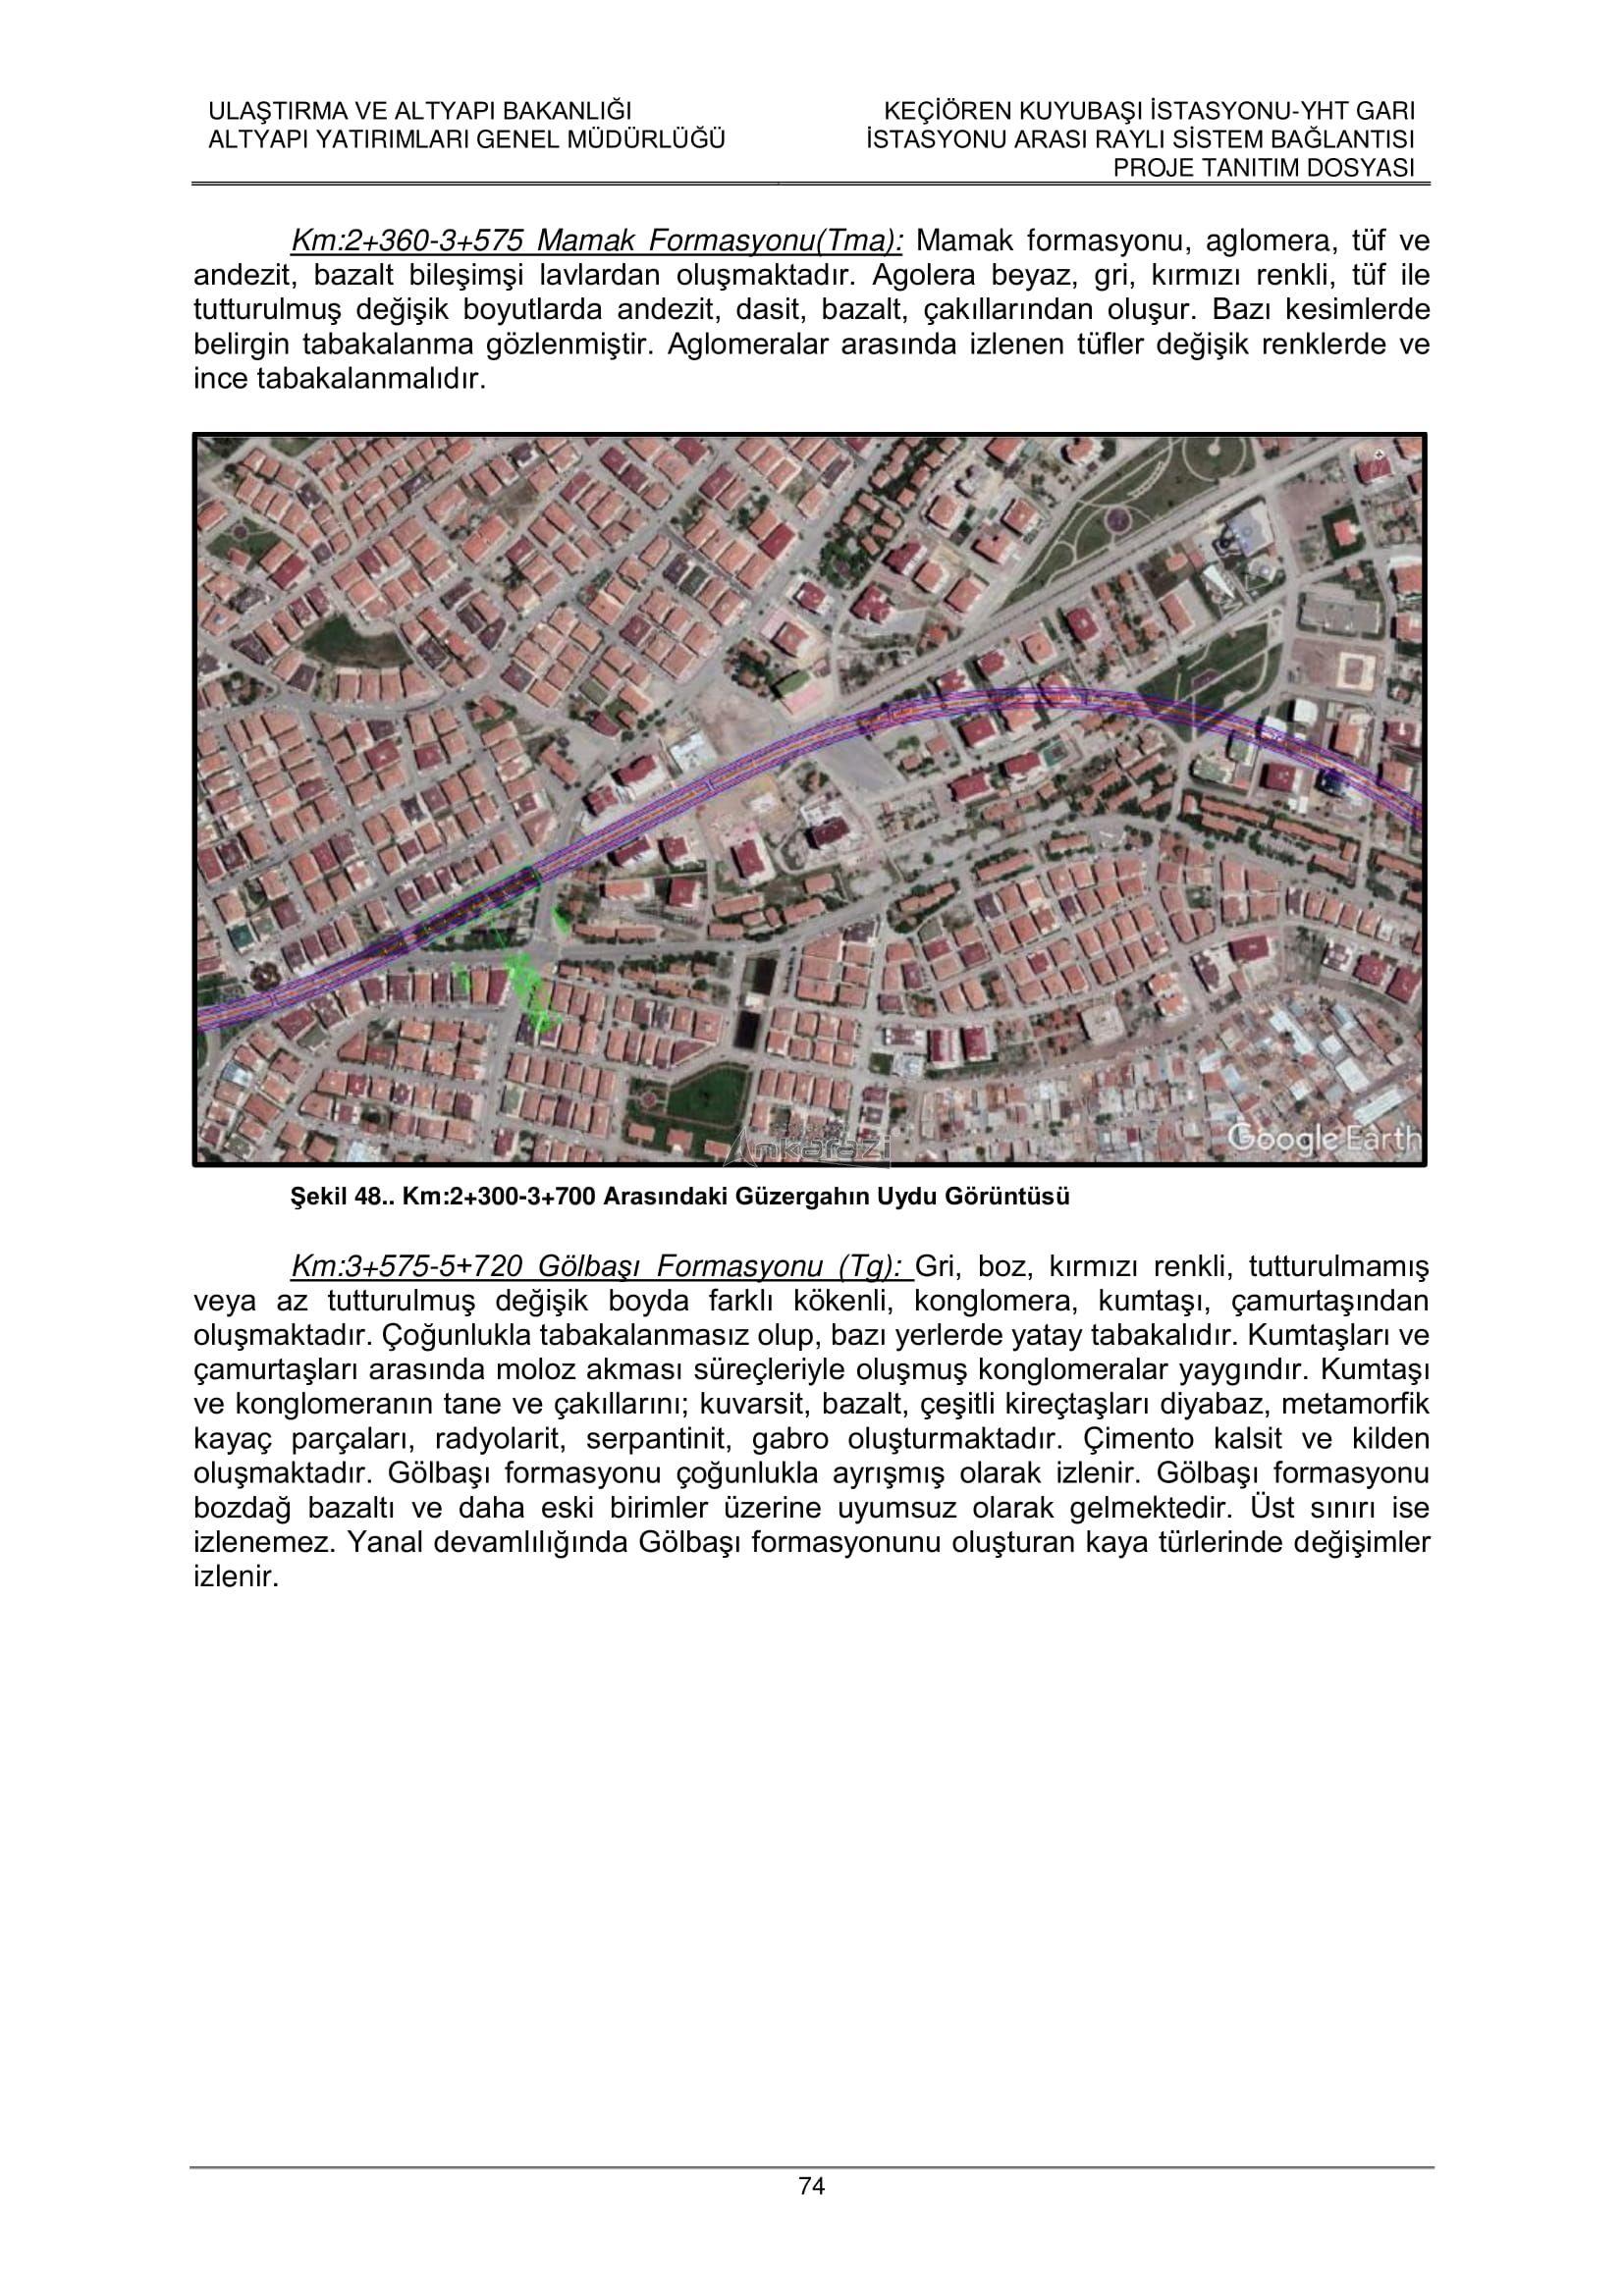 Keçiören-Siteler-YHT Garı Metro Hattı, Nihai Proje Dosyası... 3706